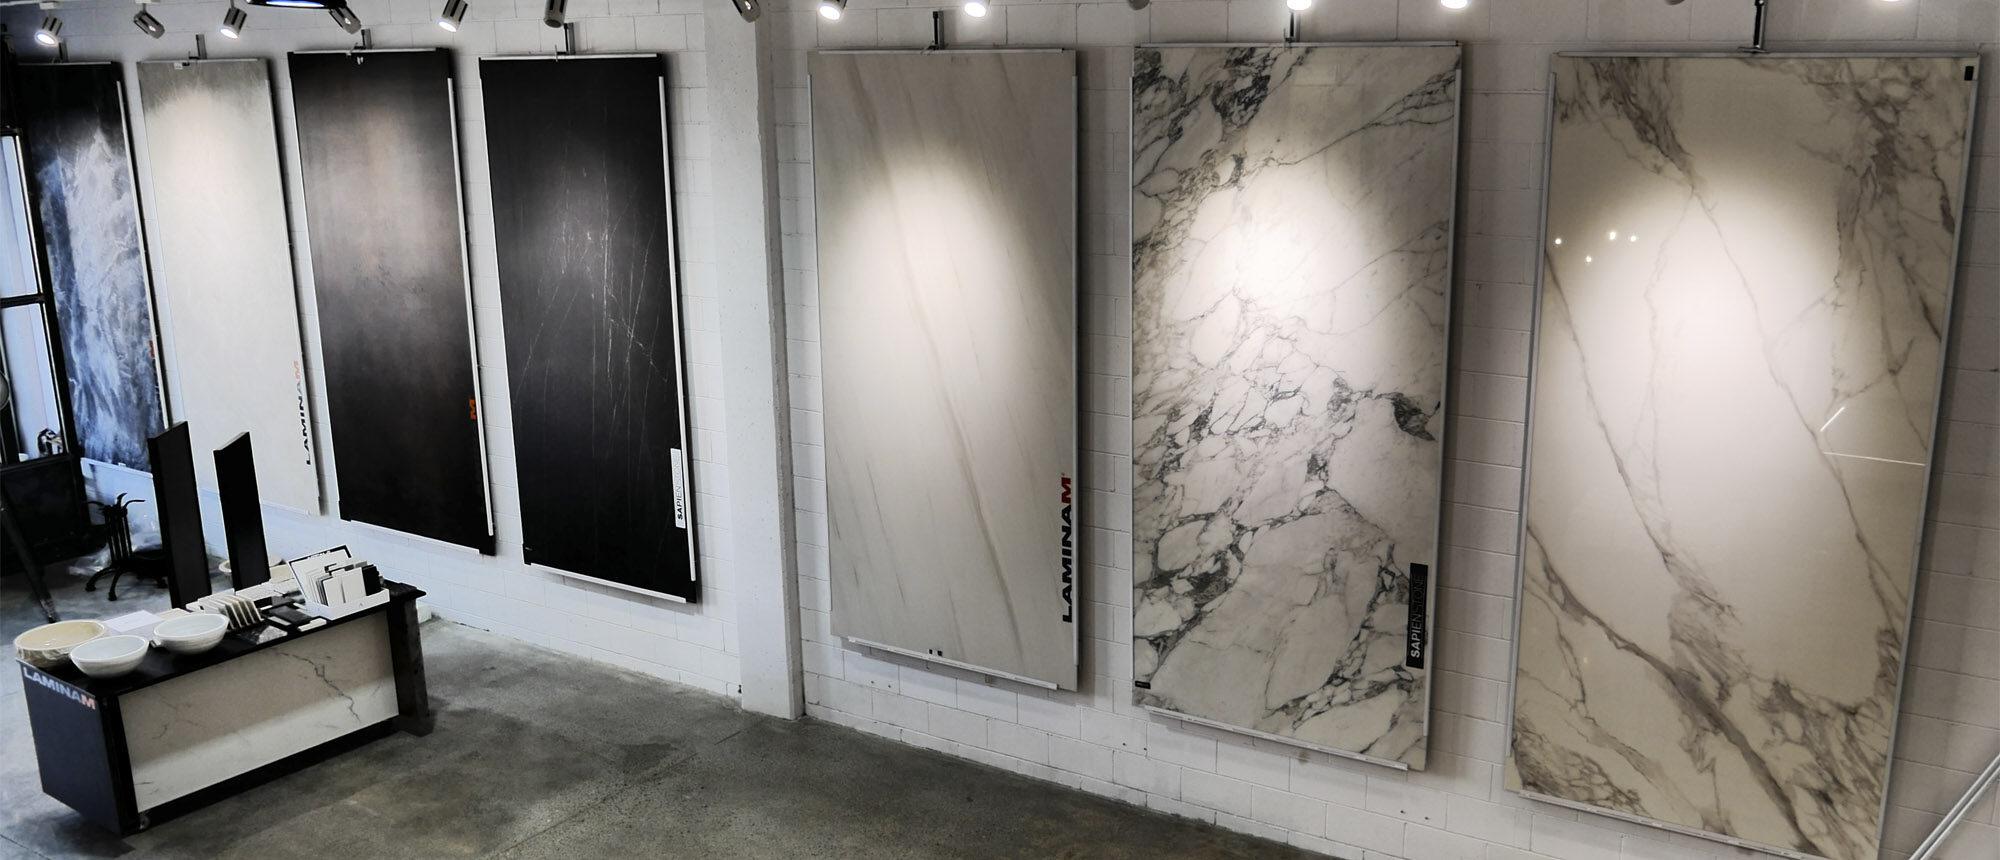 marmoles argentona exposicion